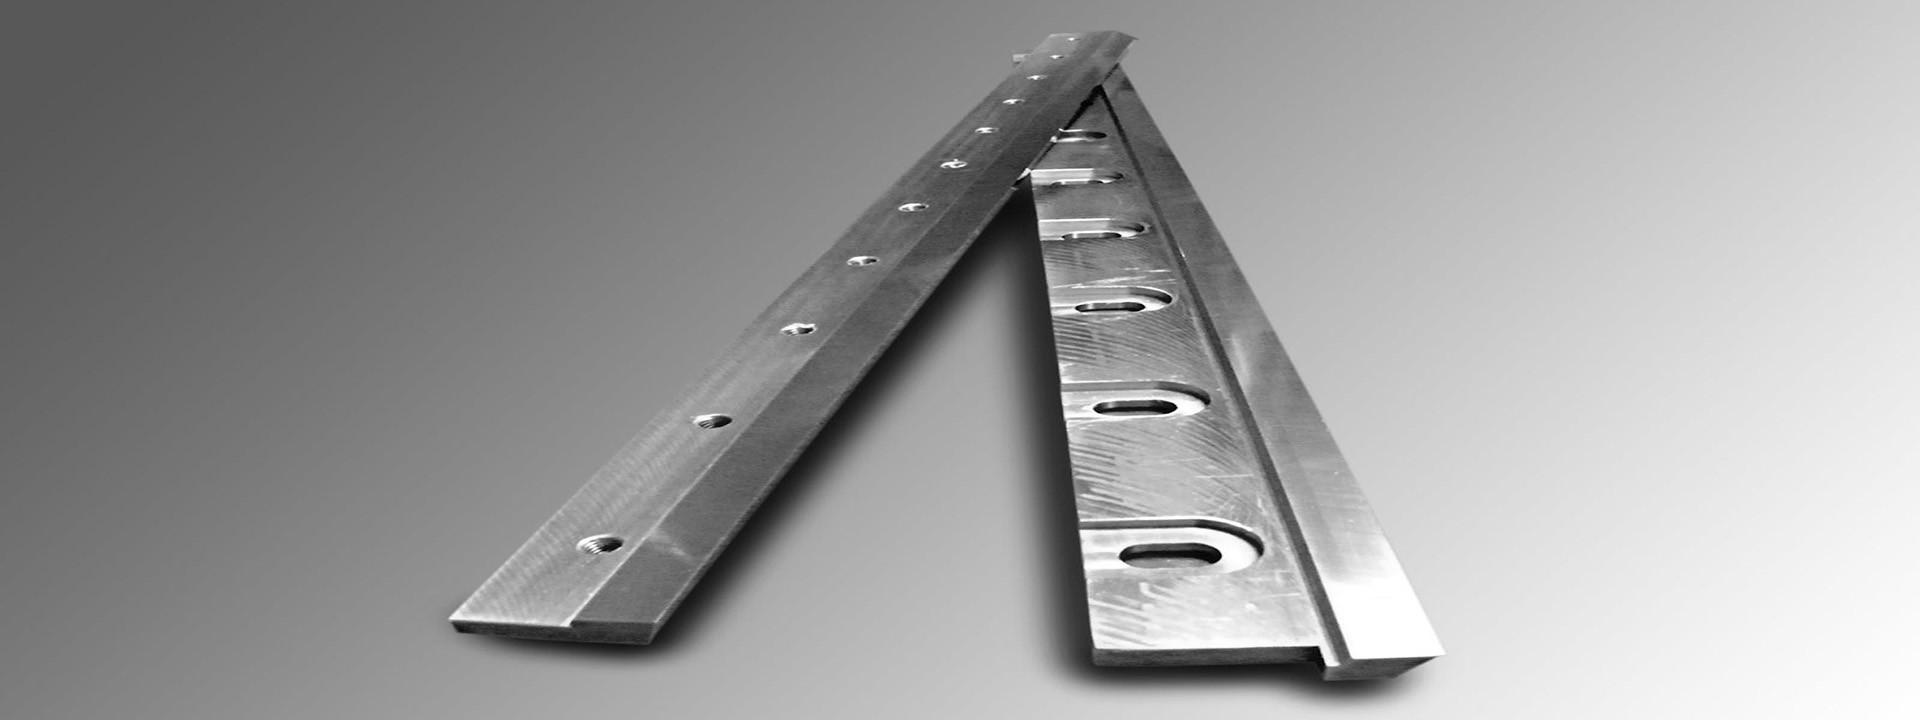 27 08 6639073 2 - Ножи для гильотины